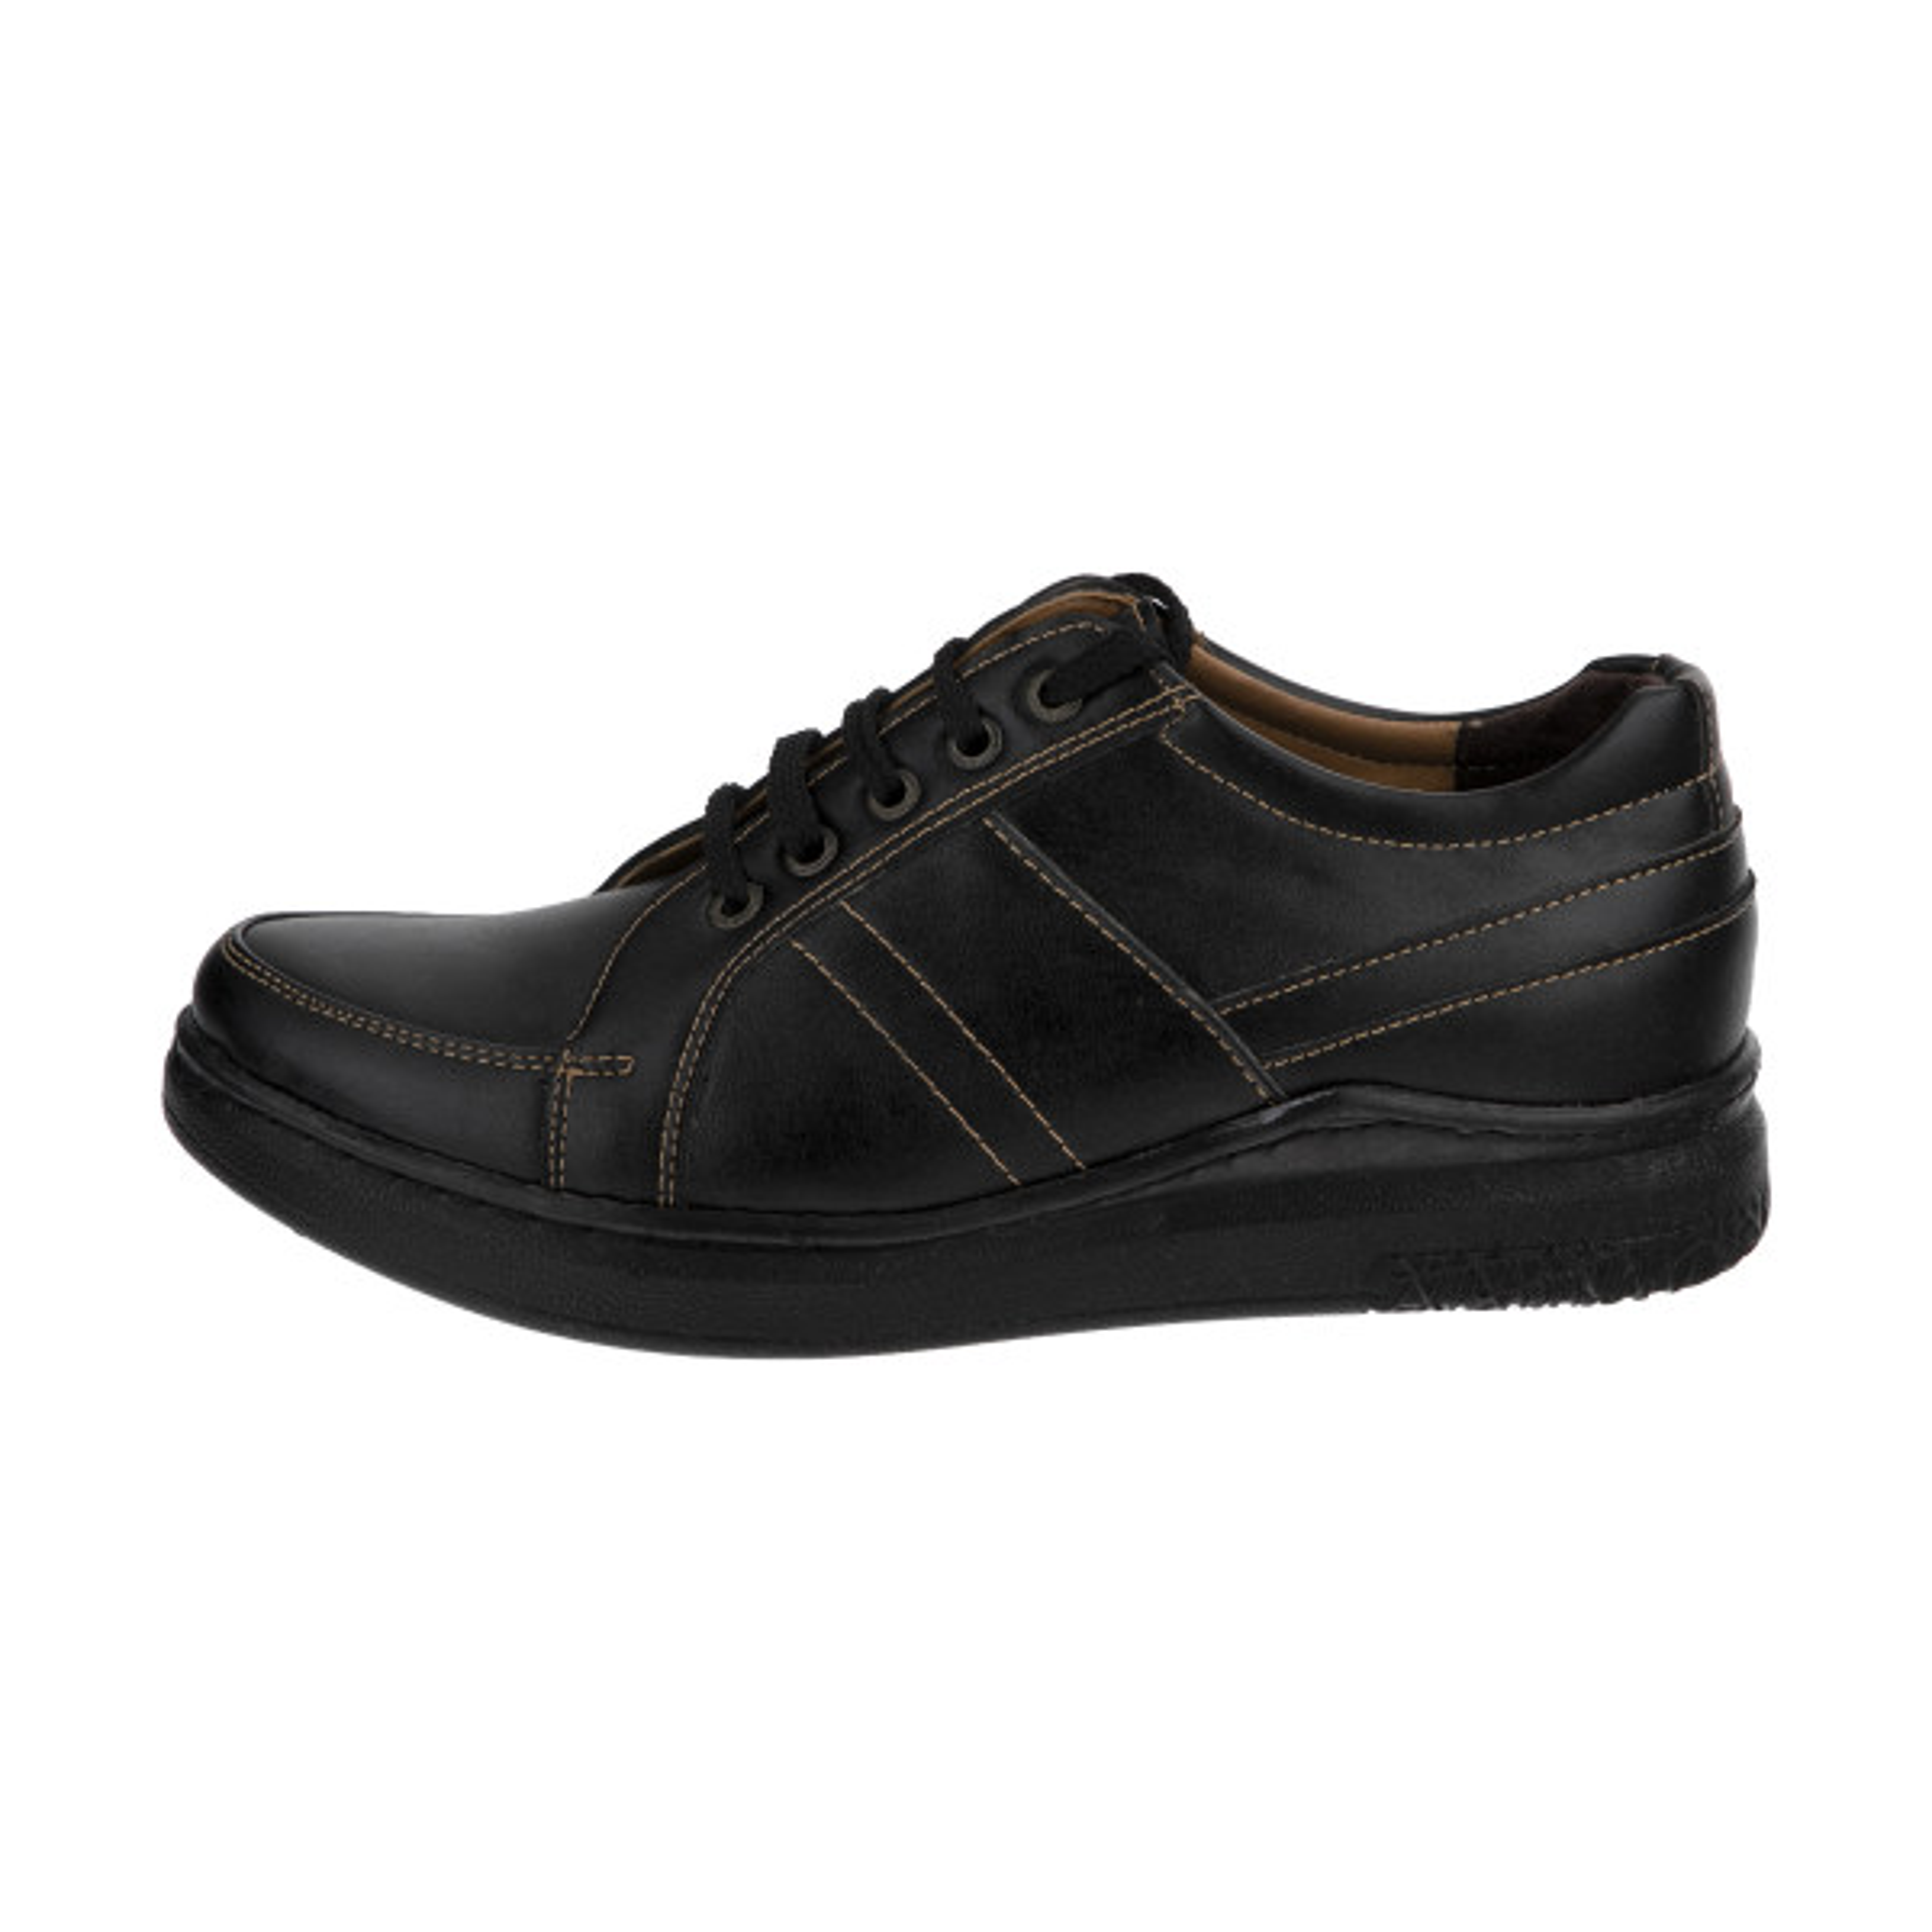 کفش روزمره مردانه اسپرت من مدل 39900-1